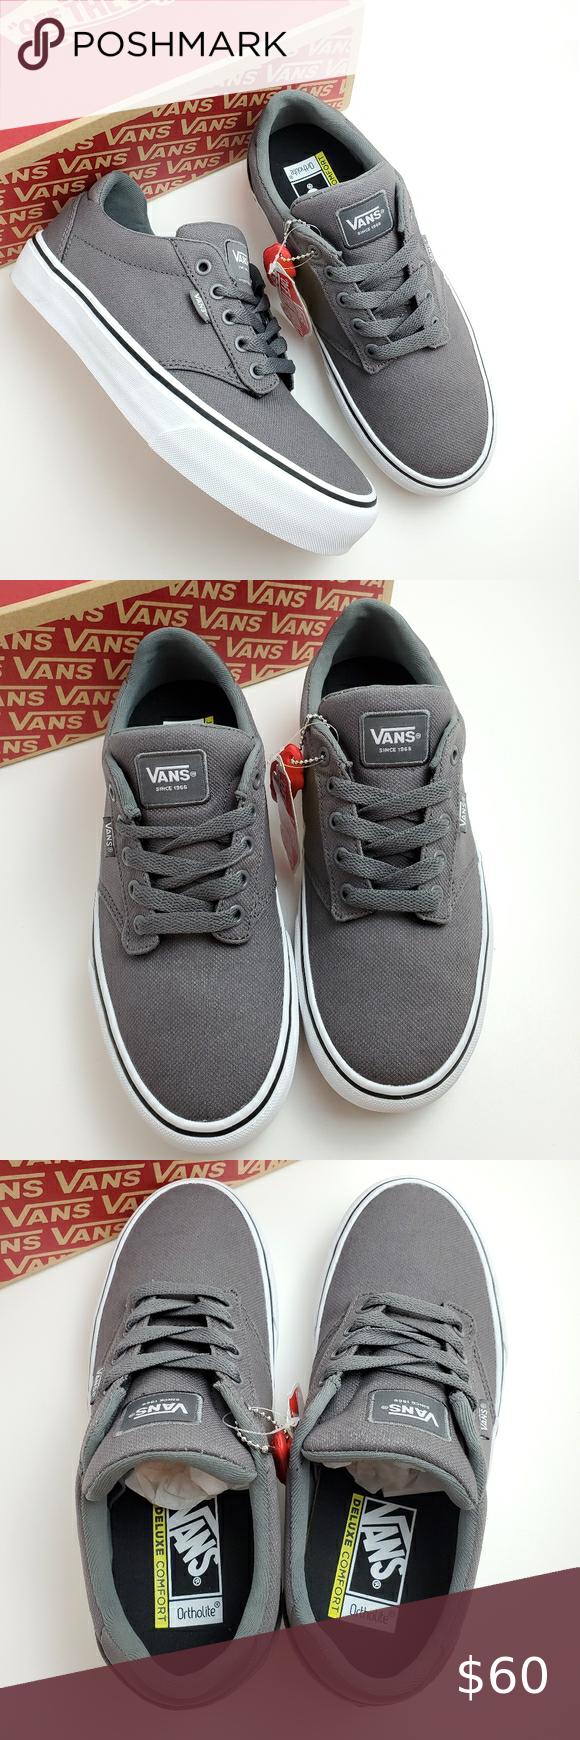 New Men's Vans Atwood Deluxe Sneakers